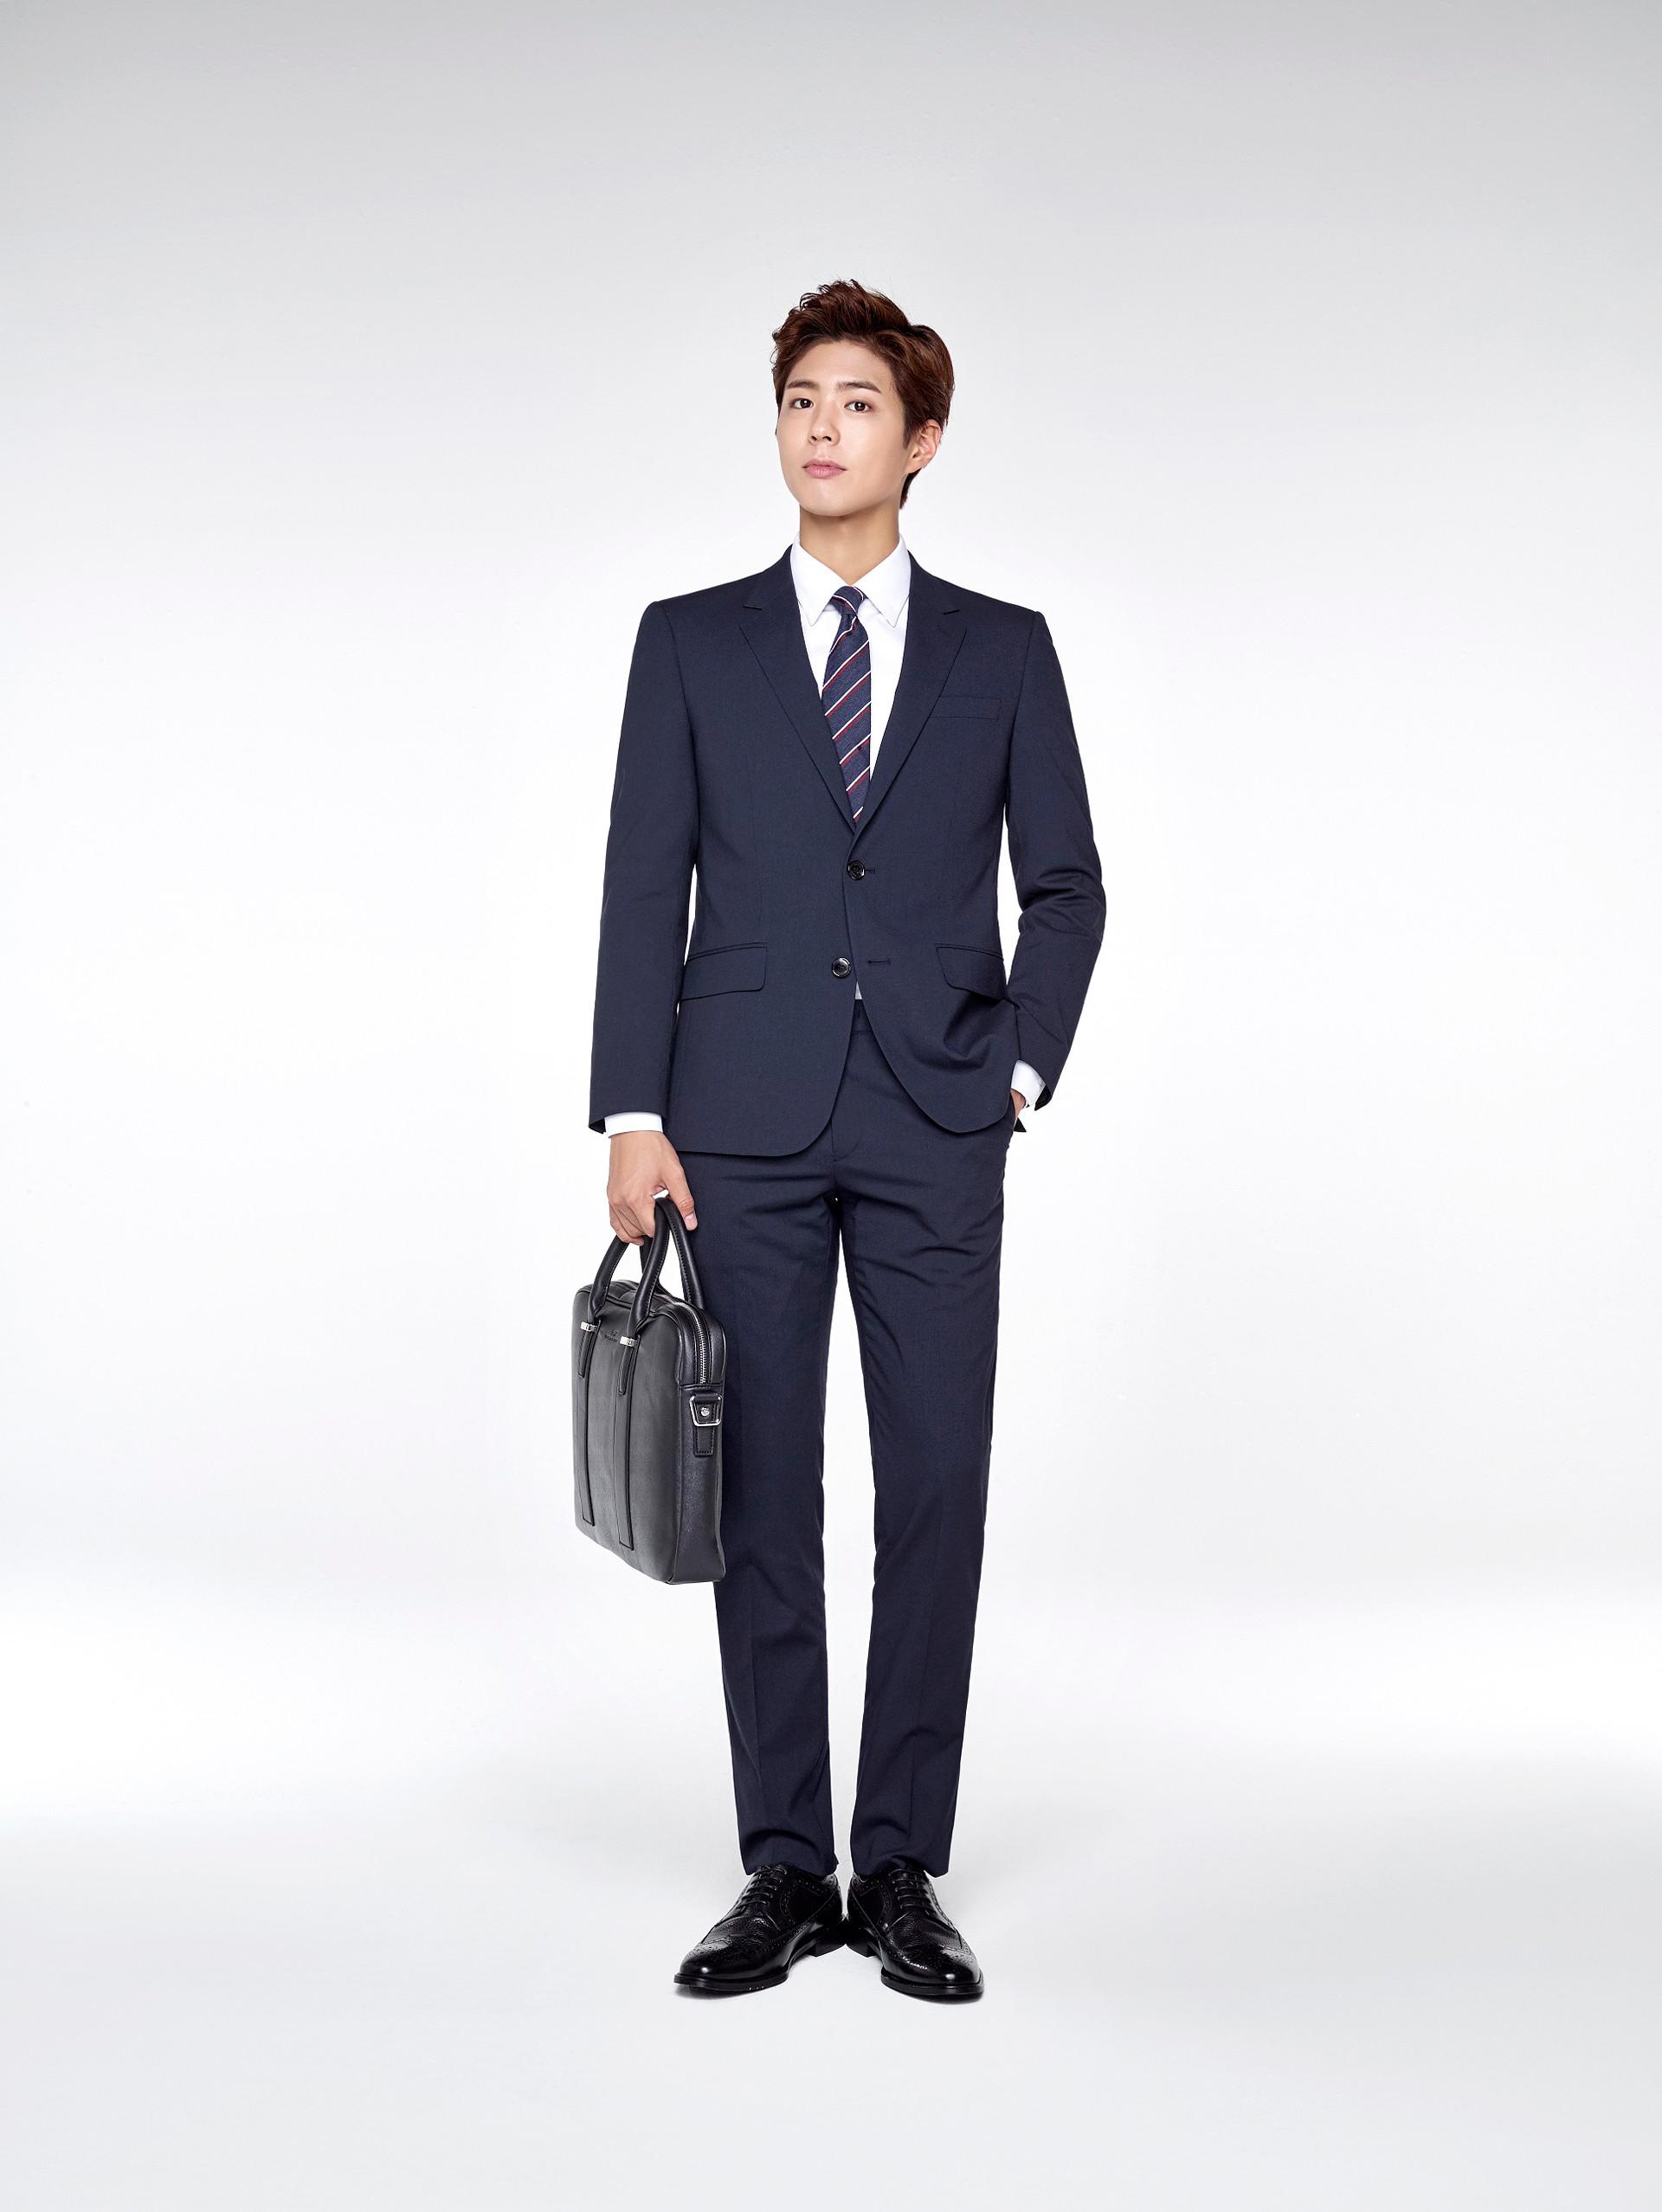 Kdrama Man To Man Fashion